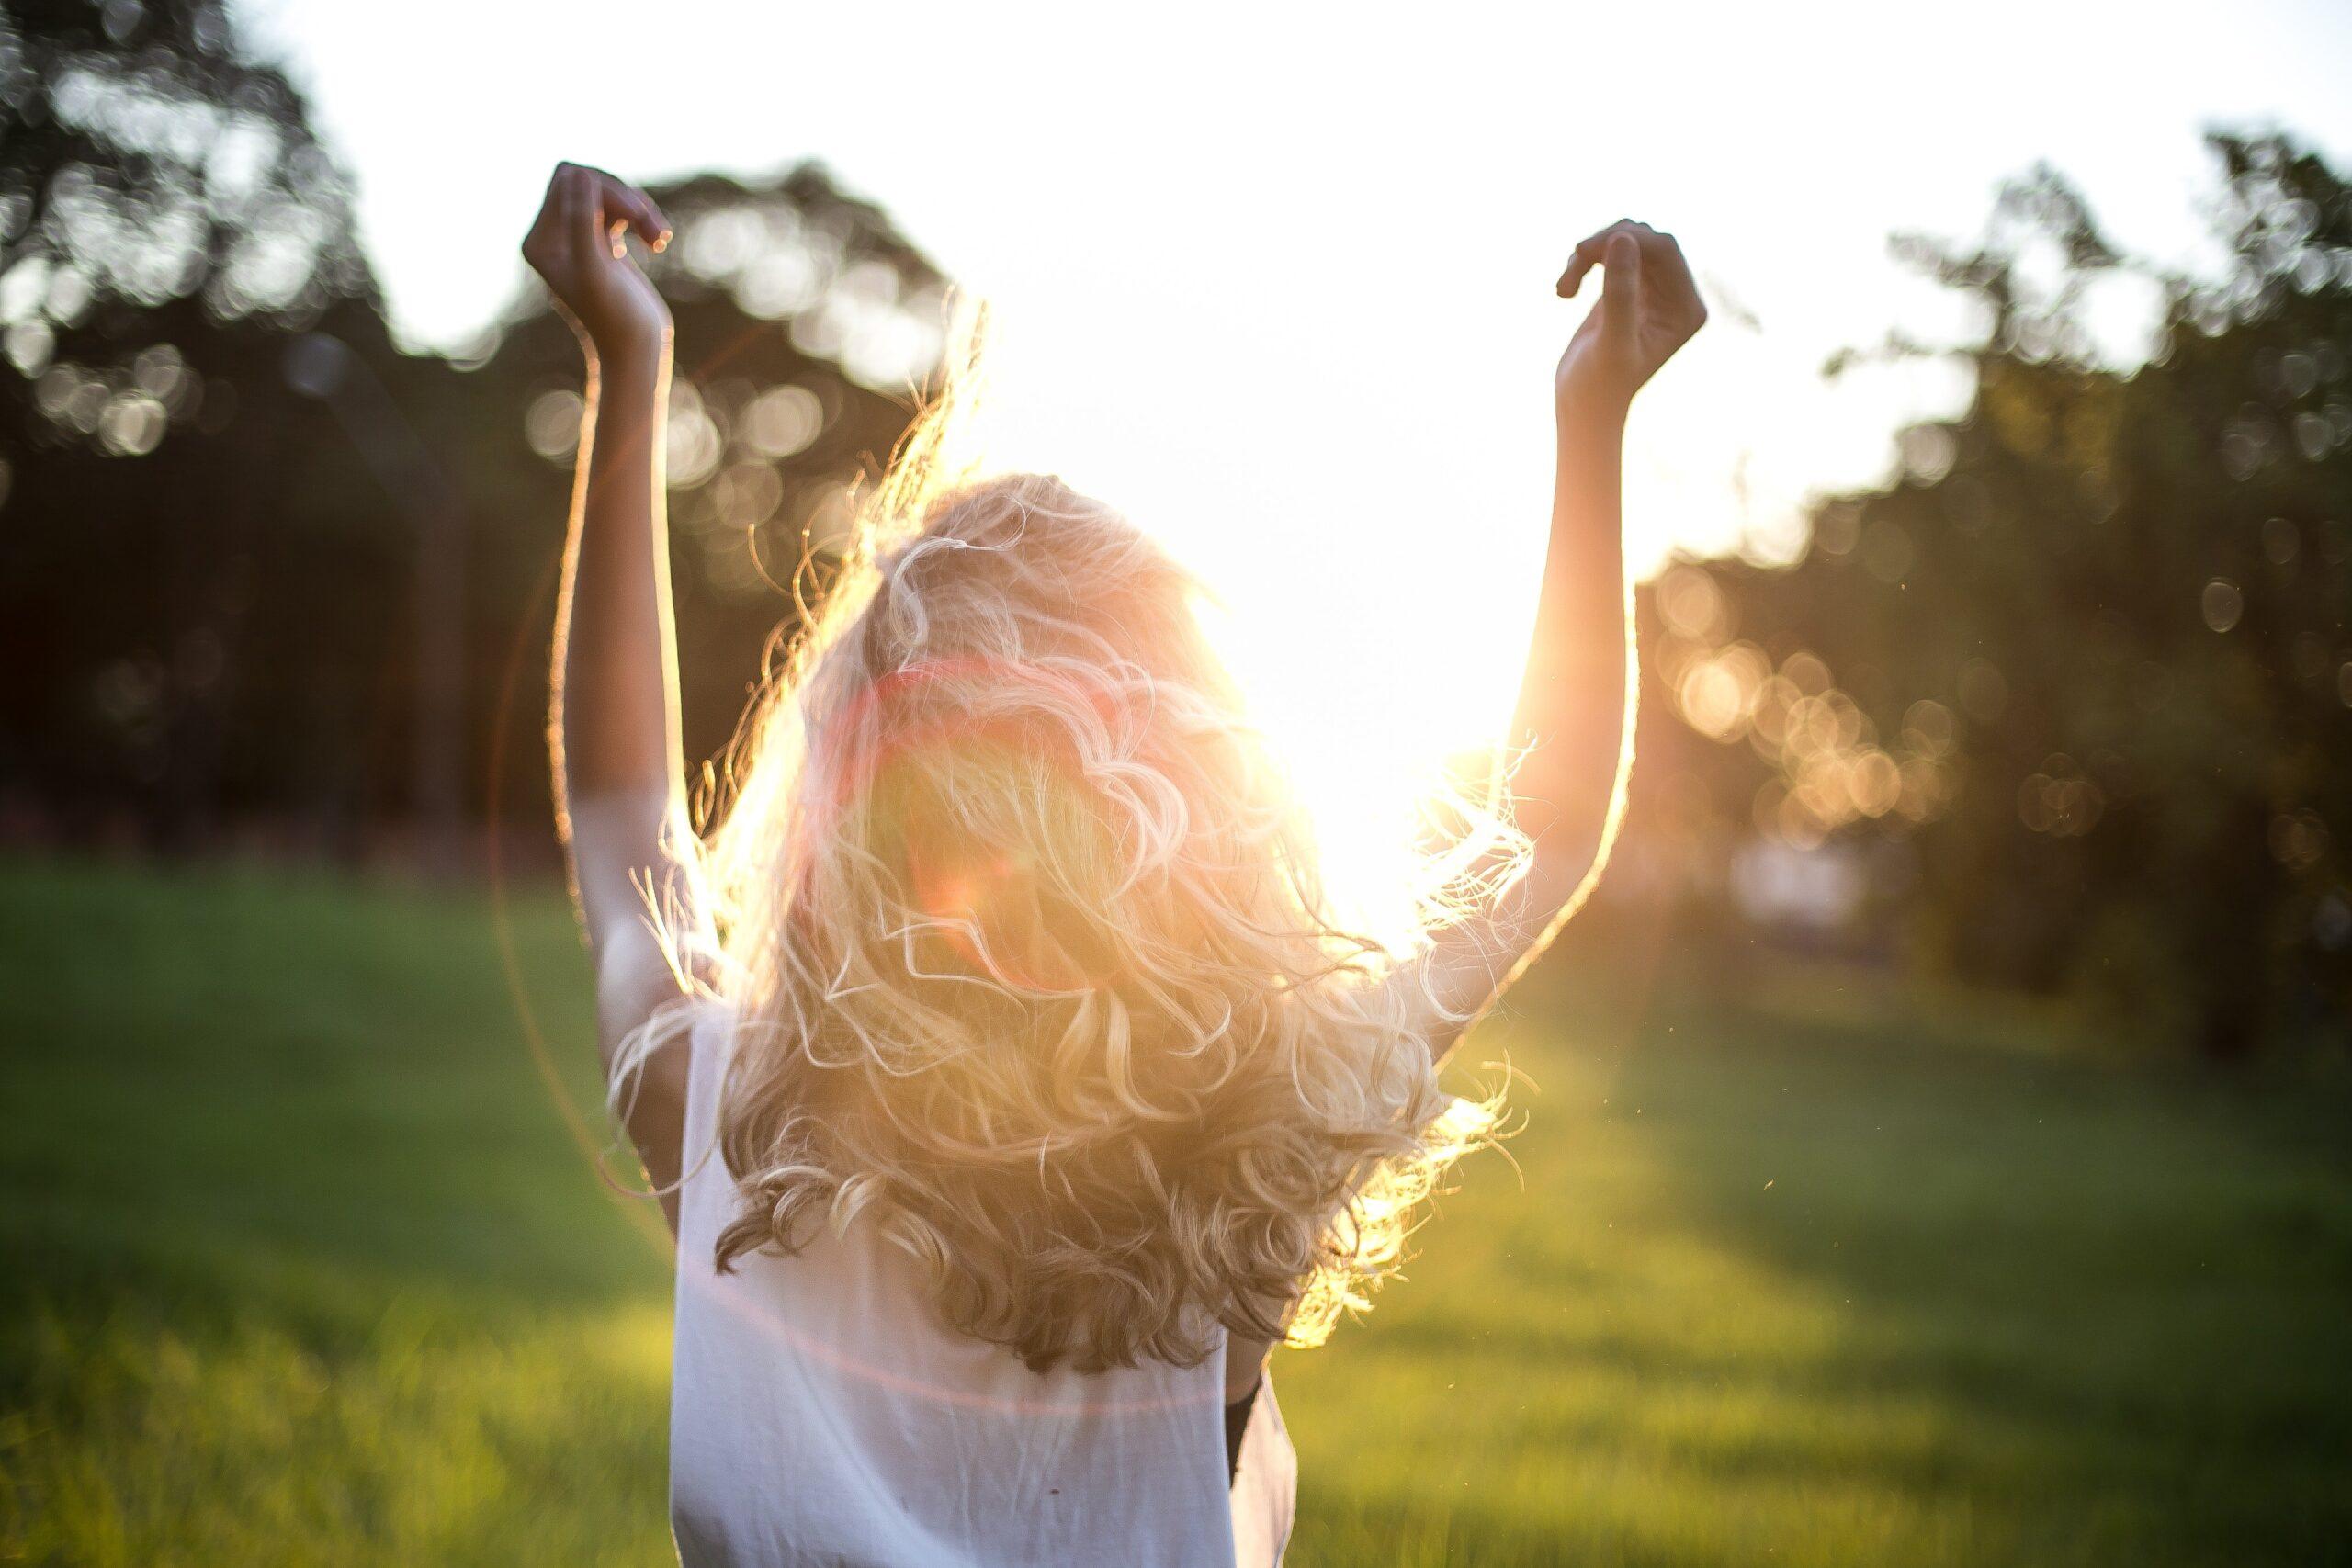 Protezione solare tutto l'anno? Come mantenere giovane la pelle!